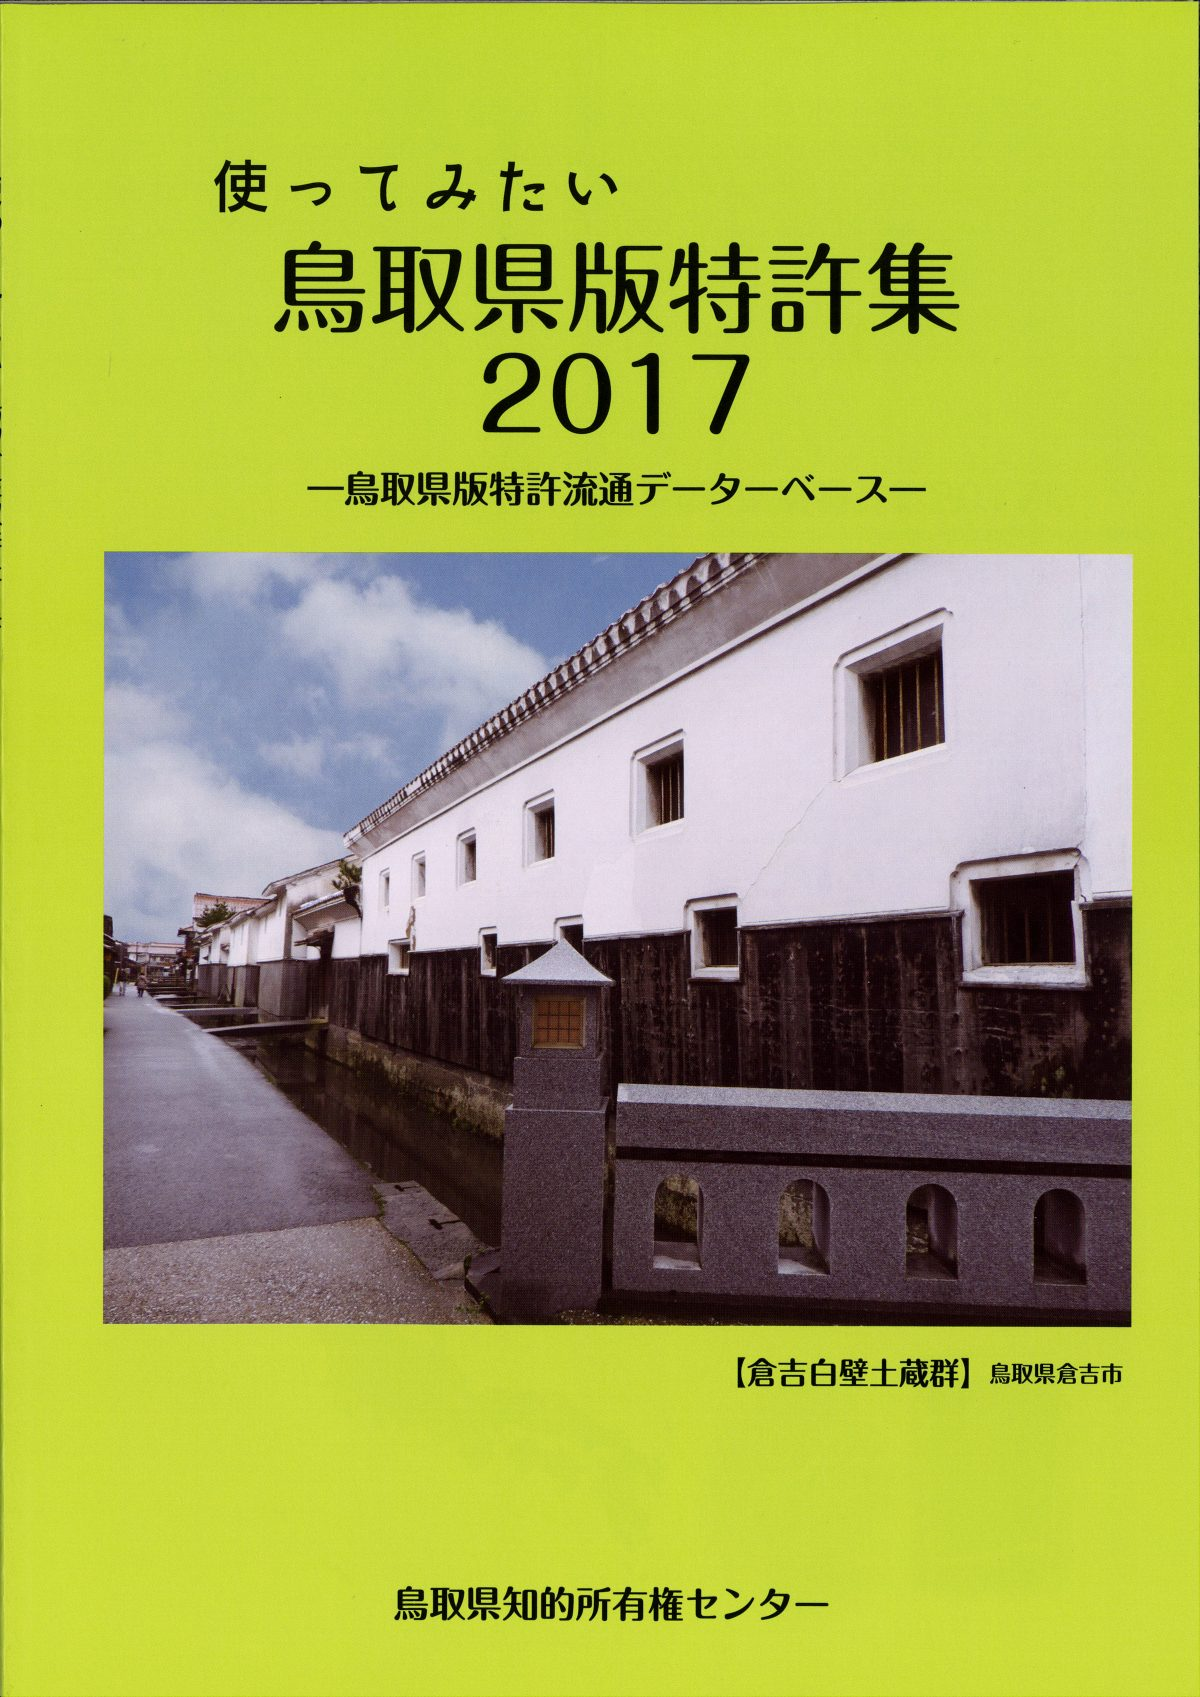 「鳥取県版特許集2018」原稿を募集しています